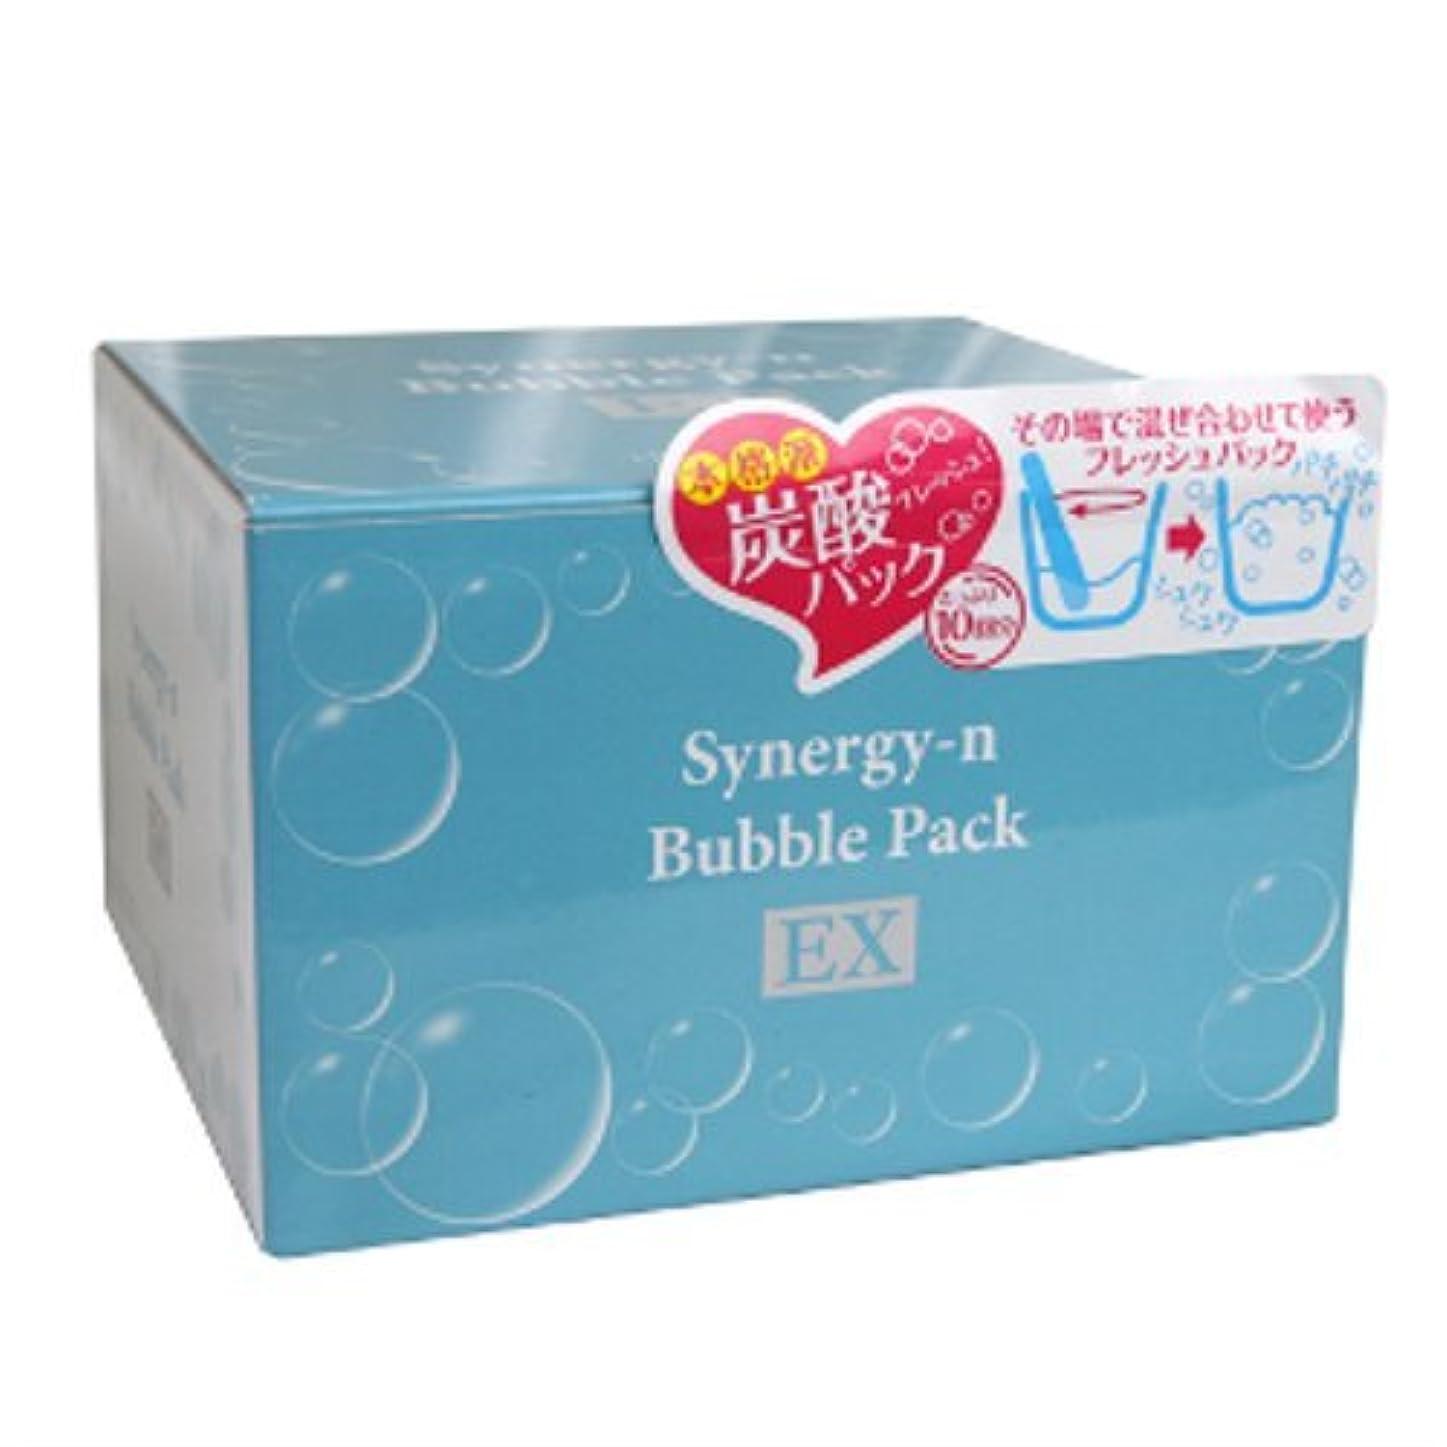 パキスタン人アコーシーケンスSynergy-n bubble face pack